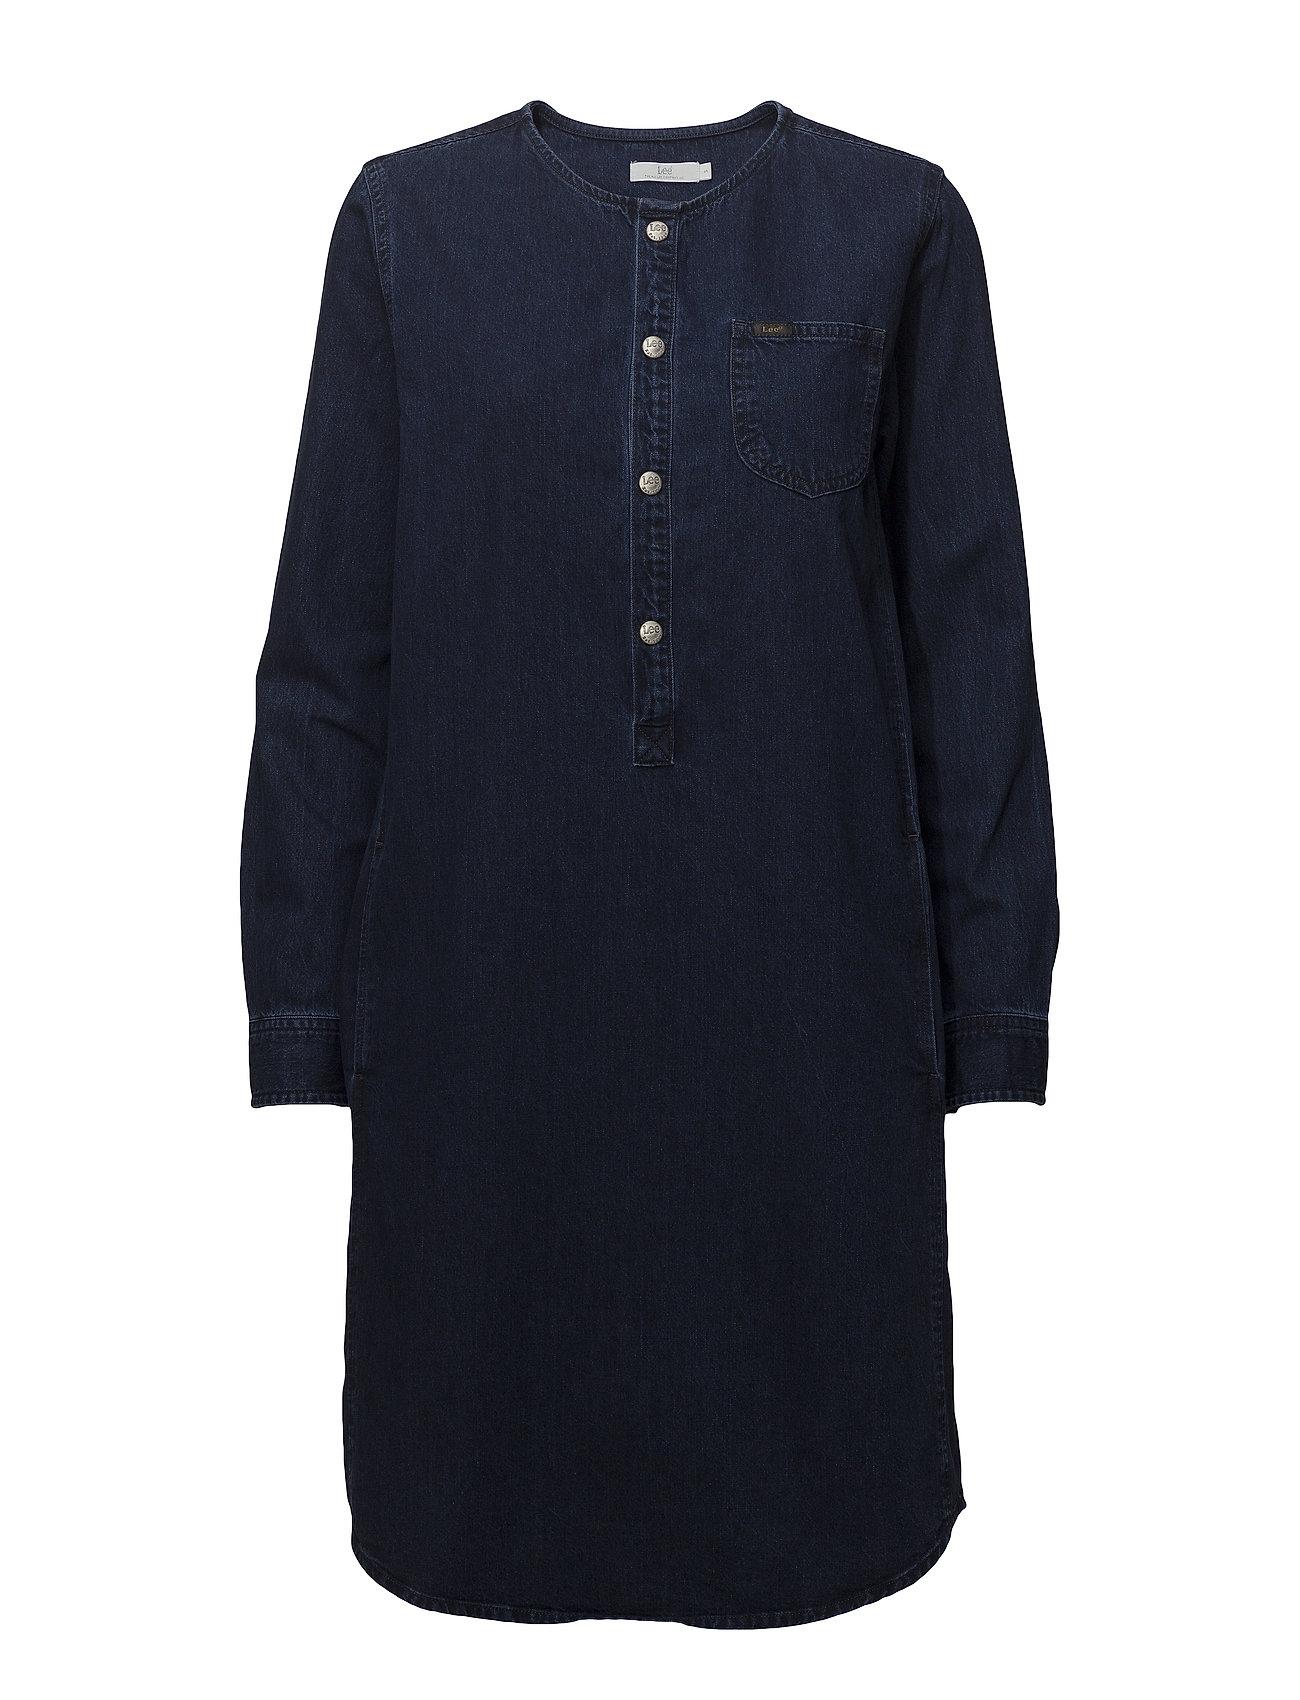 Lee Jeans OVERSIZED DRESS - WORN BLUE